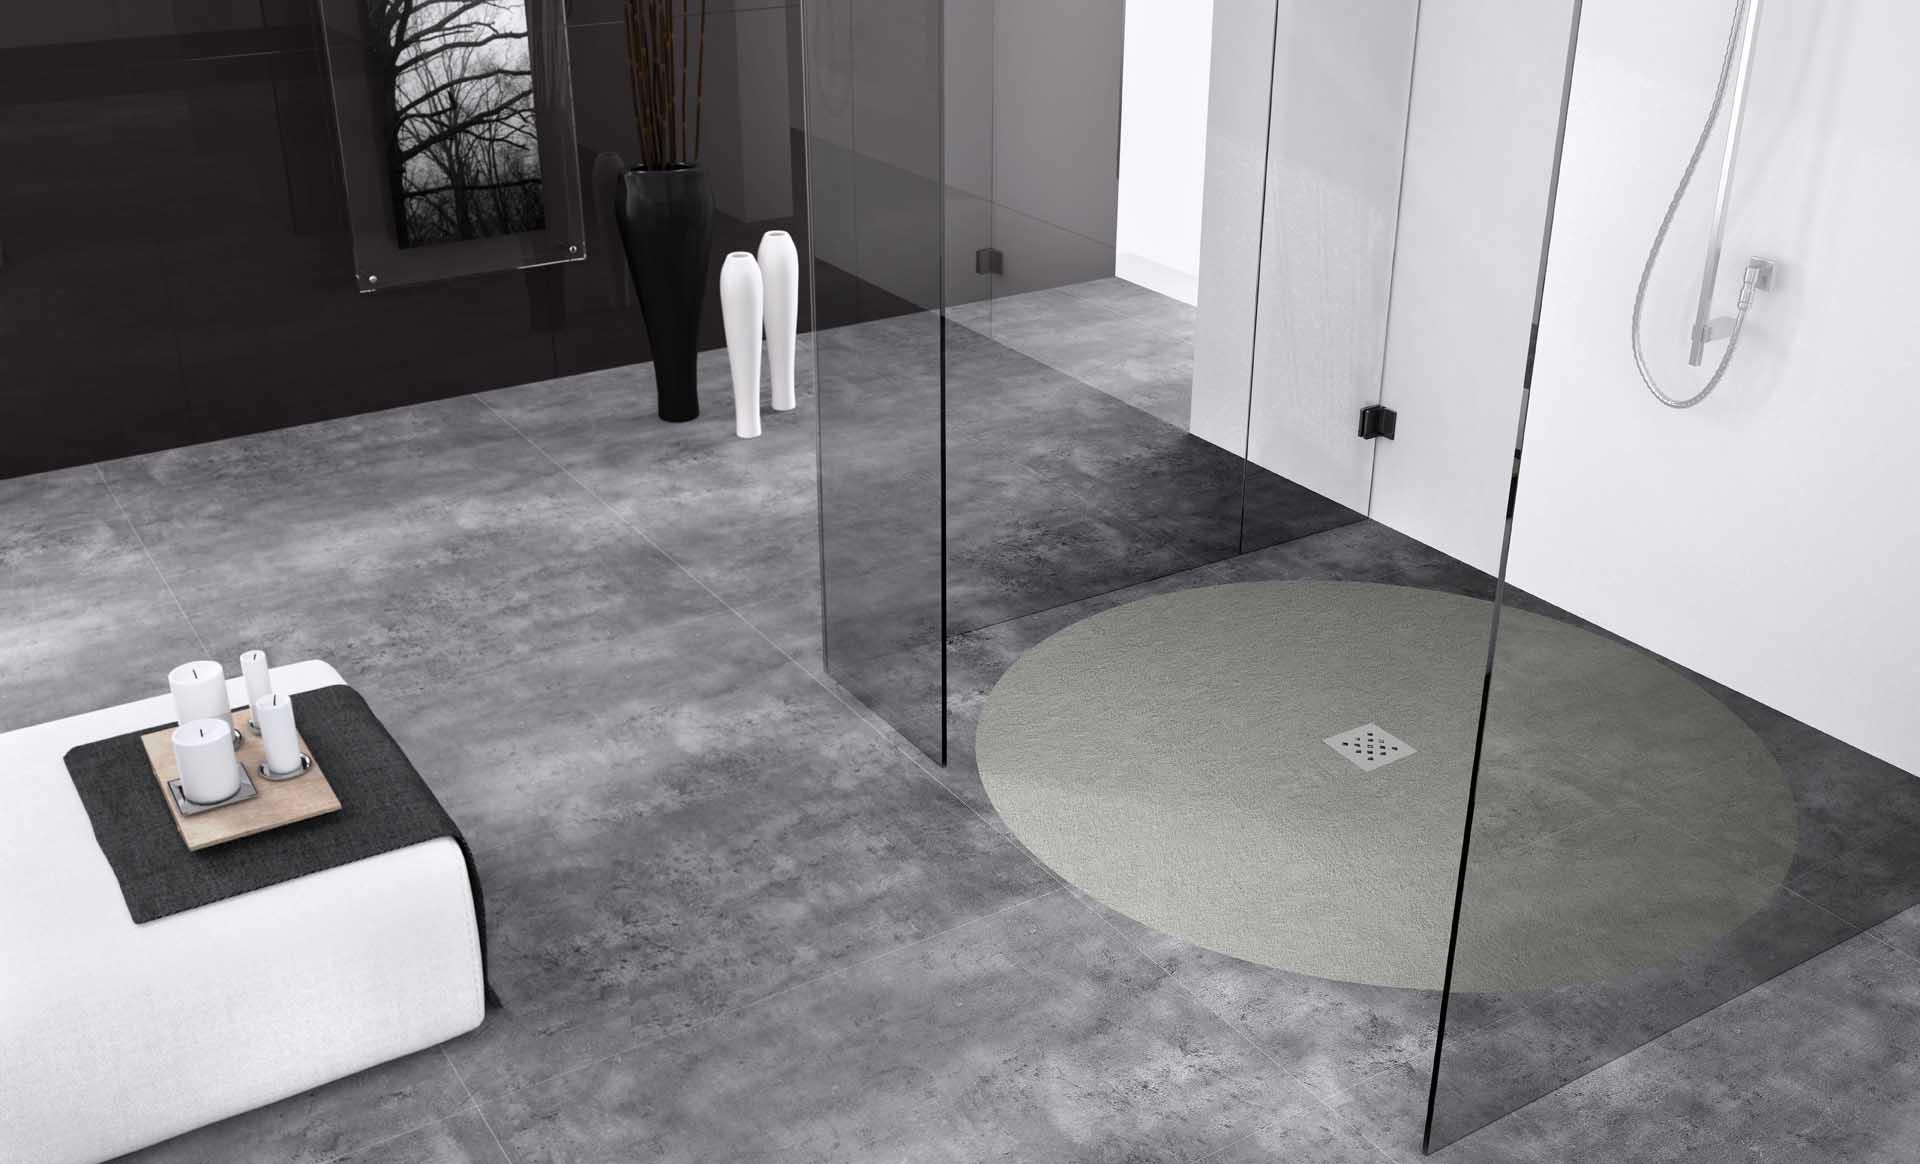 Monochrome shower enclosure